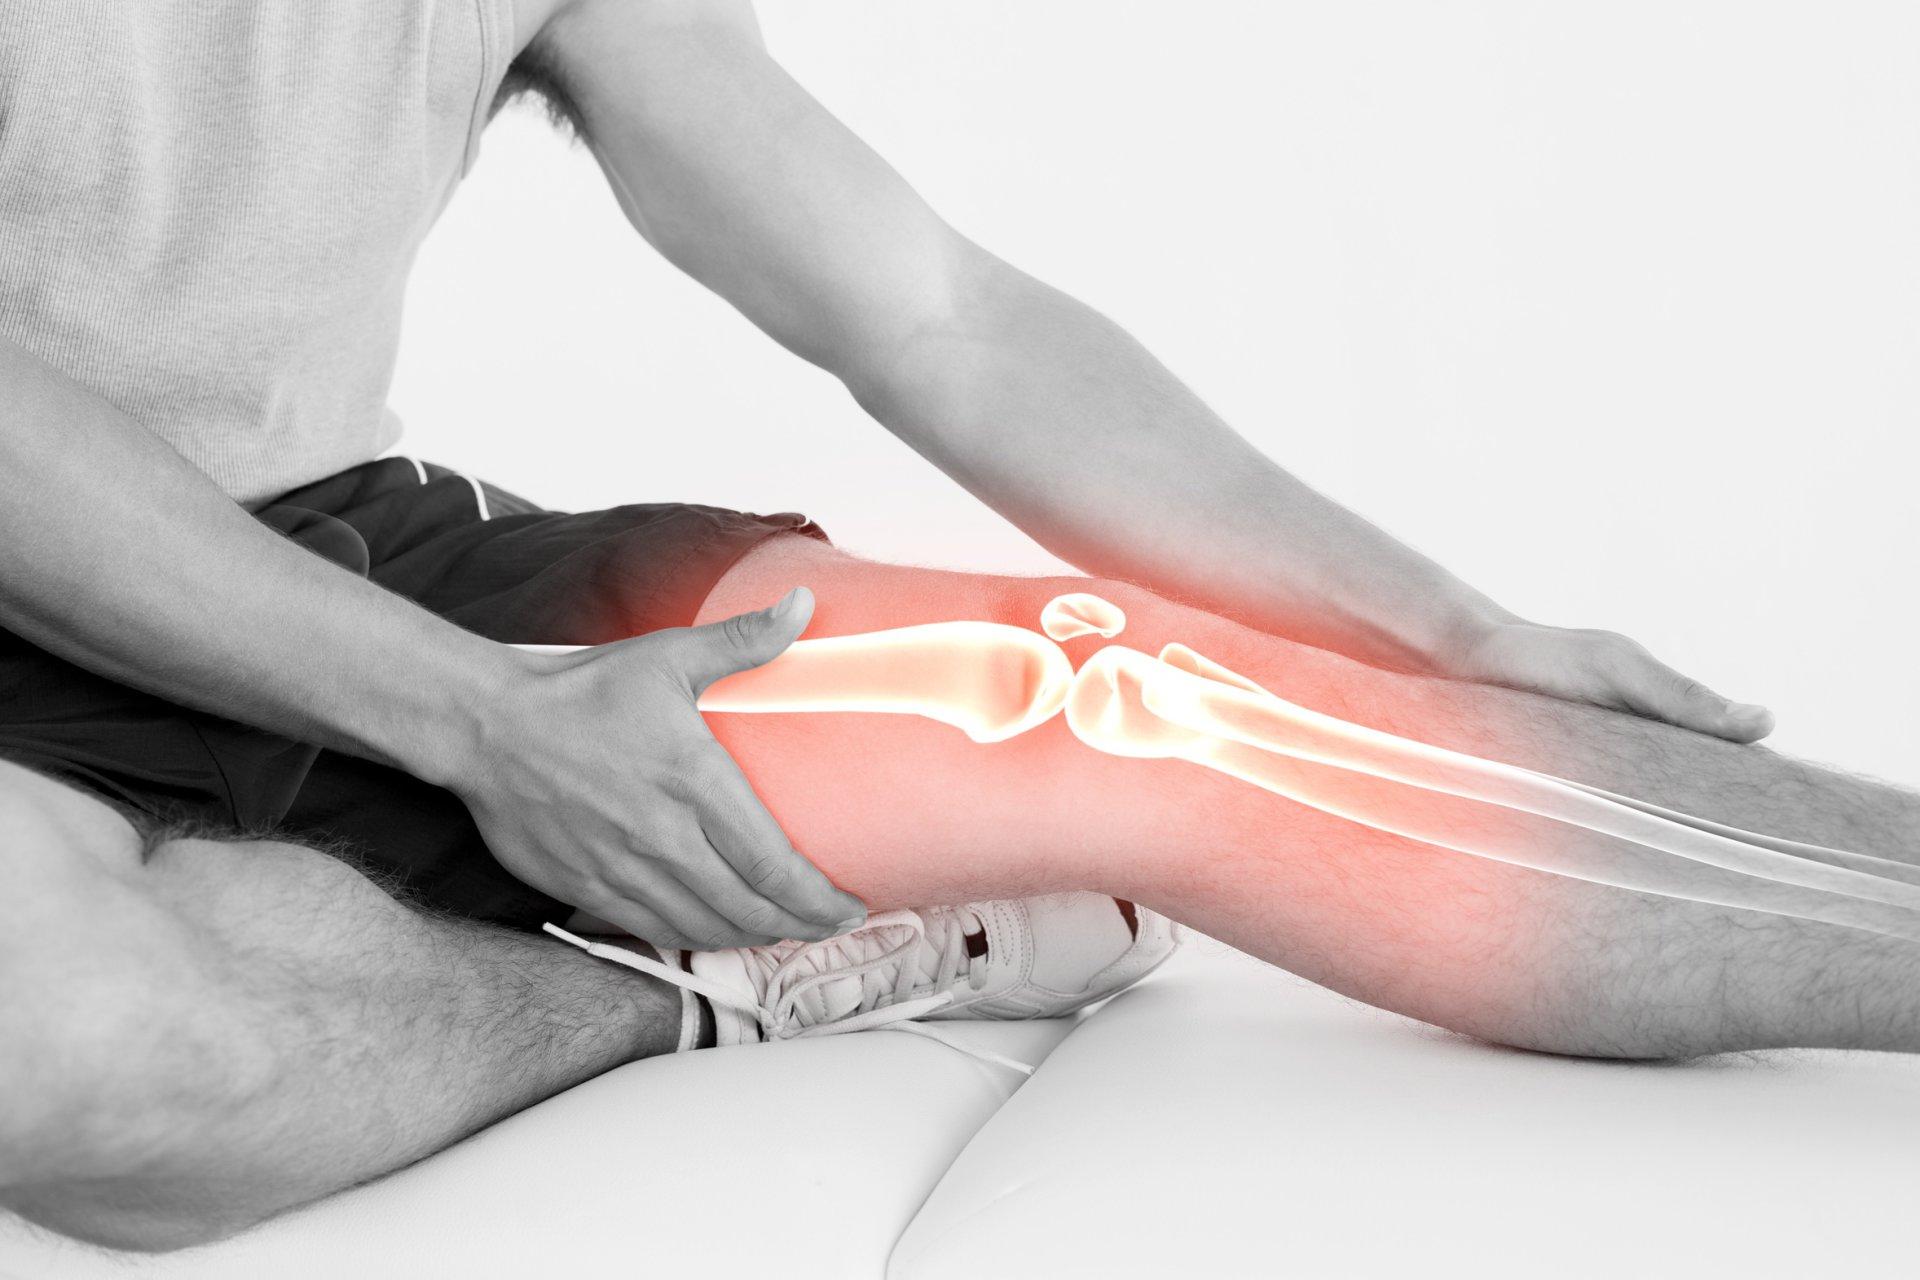 nutekėjimas sąnarių skausmas sąrašą apizartron sąnarių skausmas